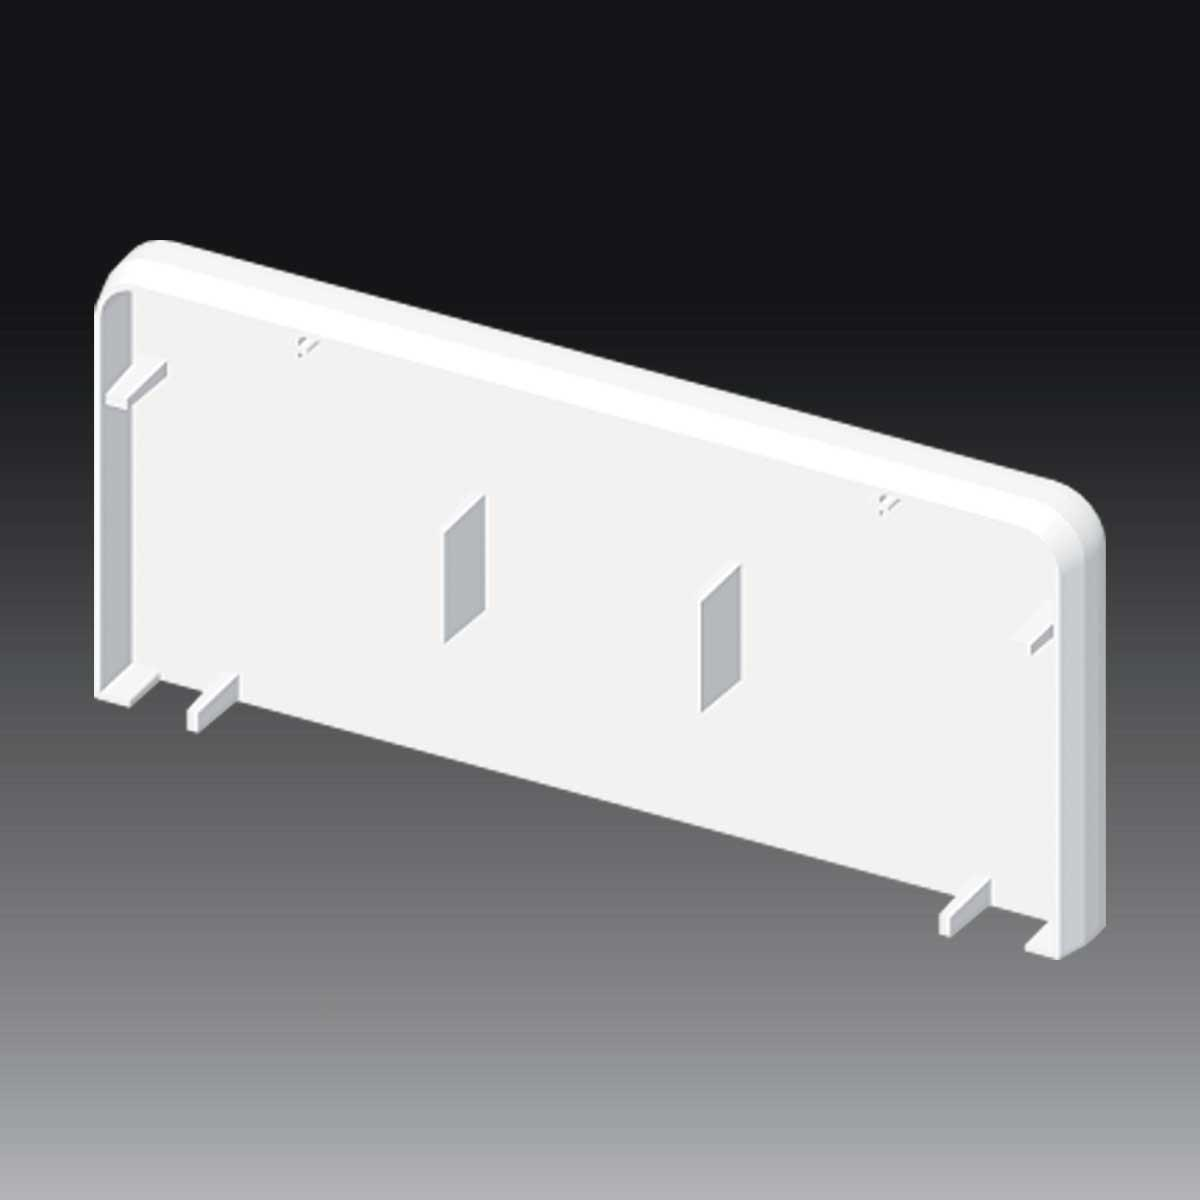 Заглушка для PK 120х55 D; Серія PK; ПВХ